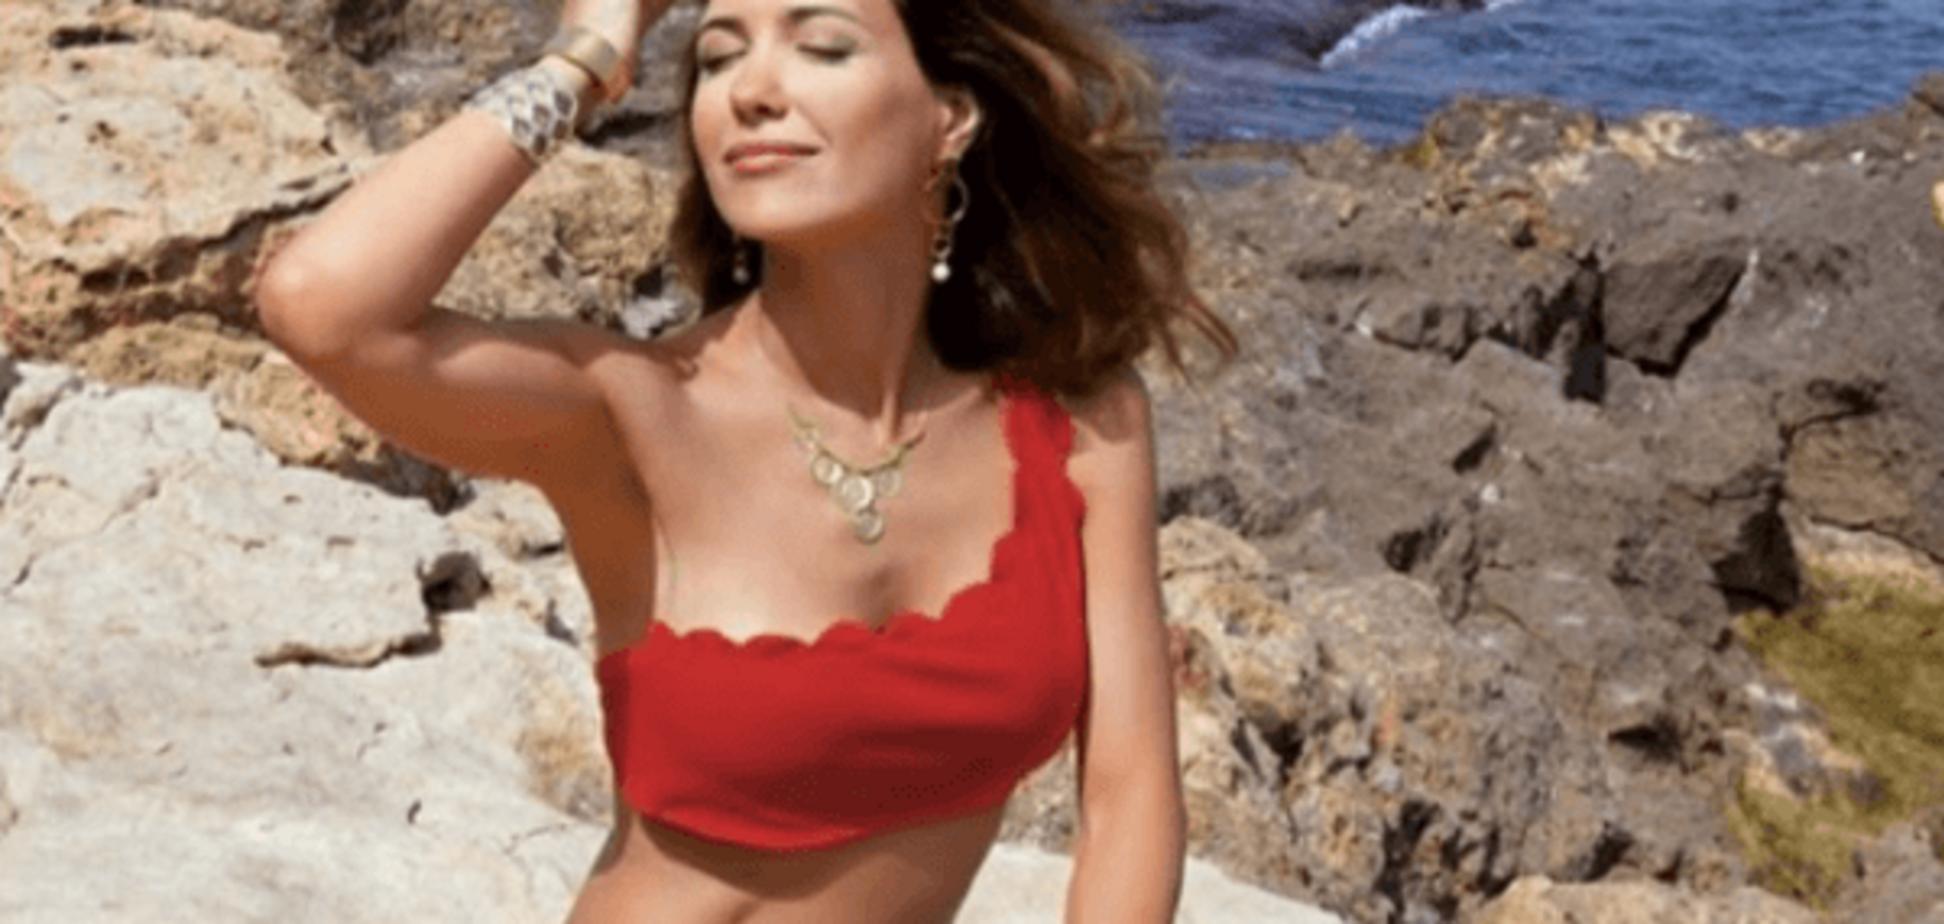 Екатерина Климова поразила стройной фигурой в ярком купальнике